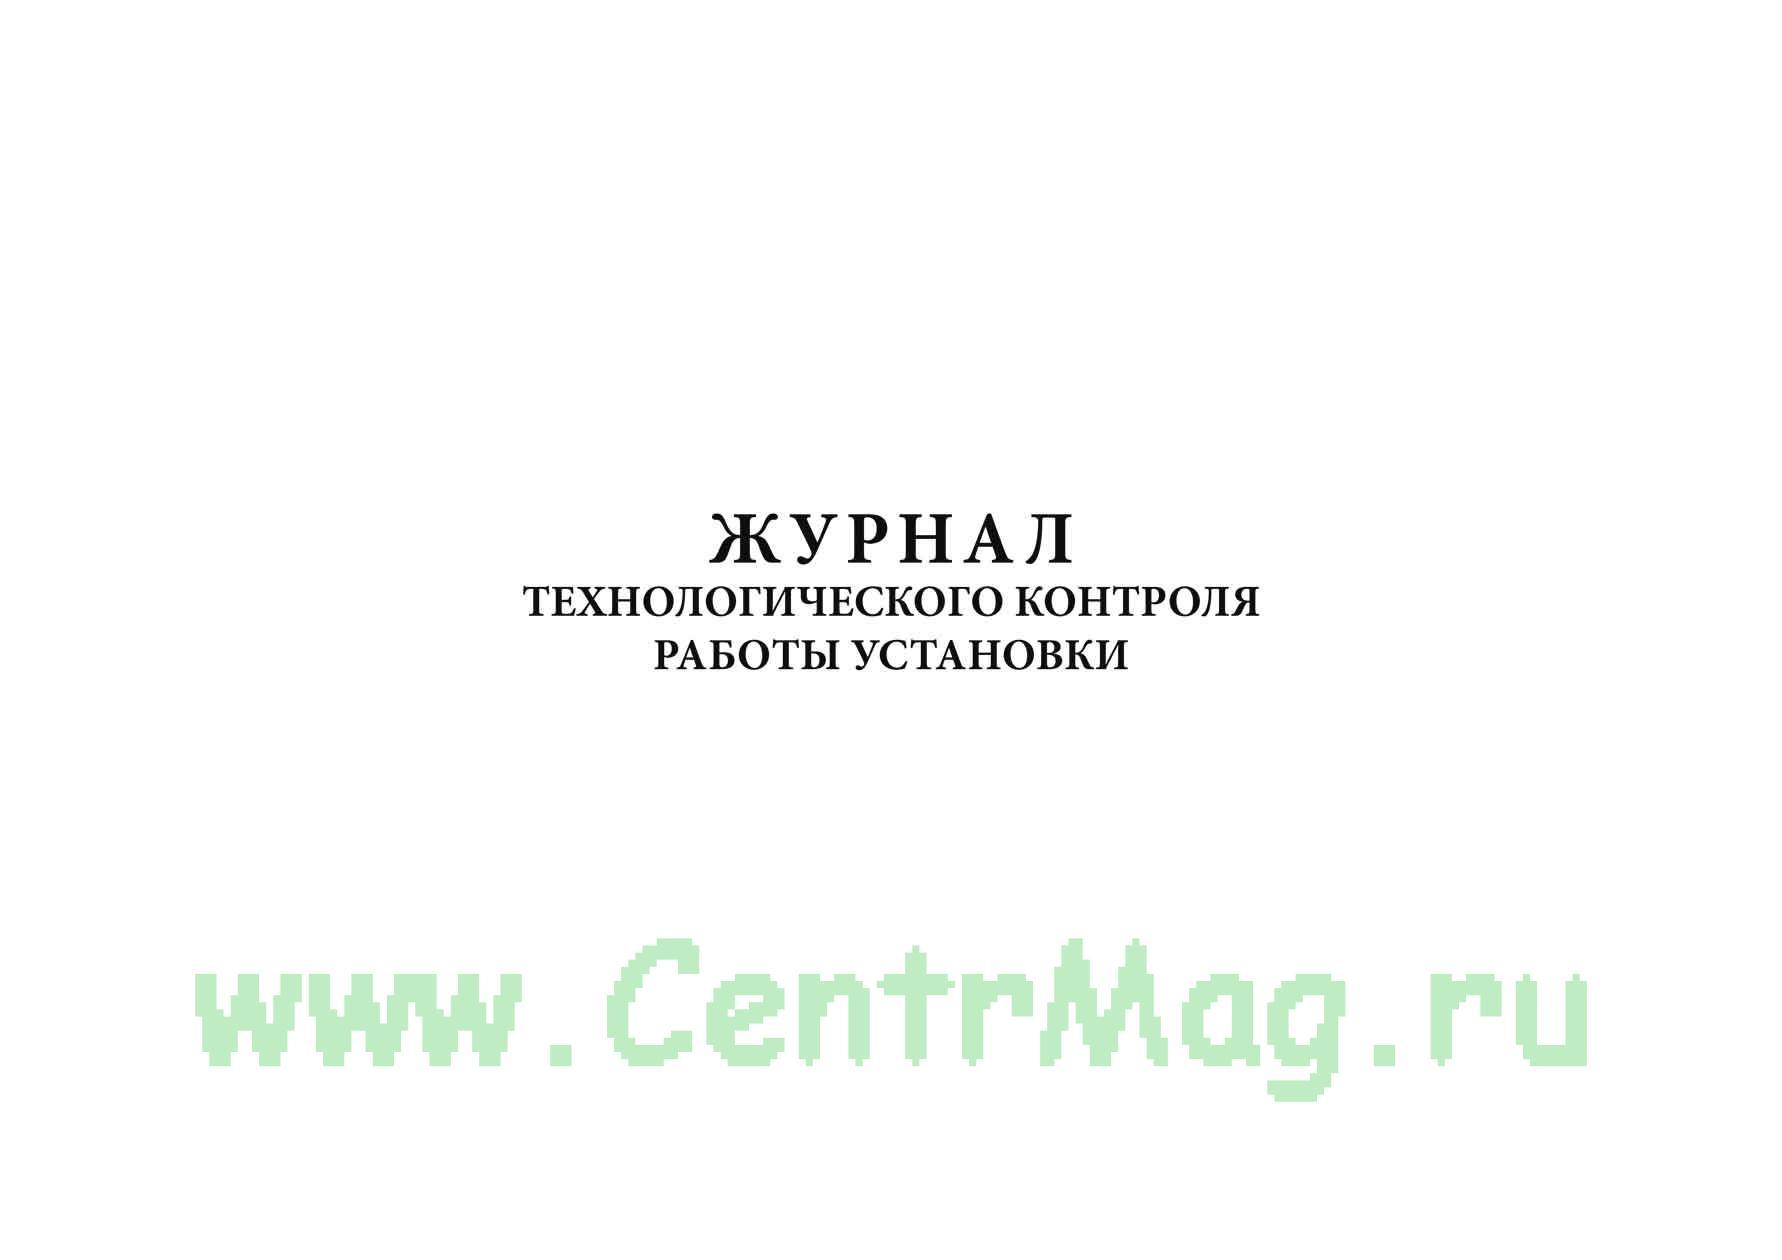 Журнал технологического контроля работы установки